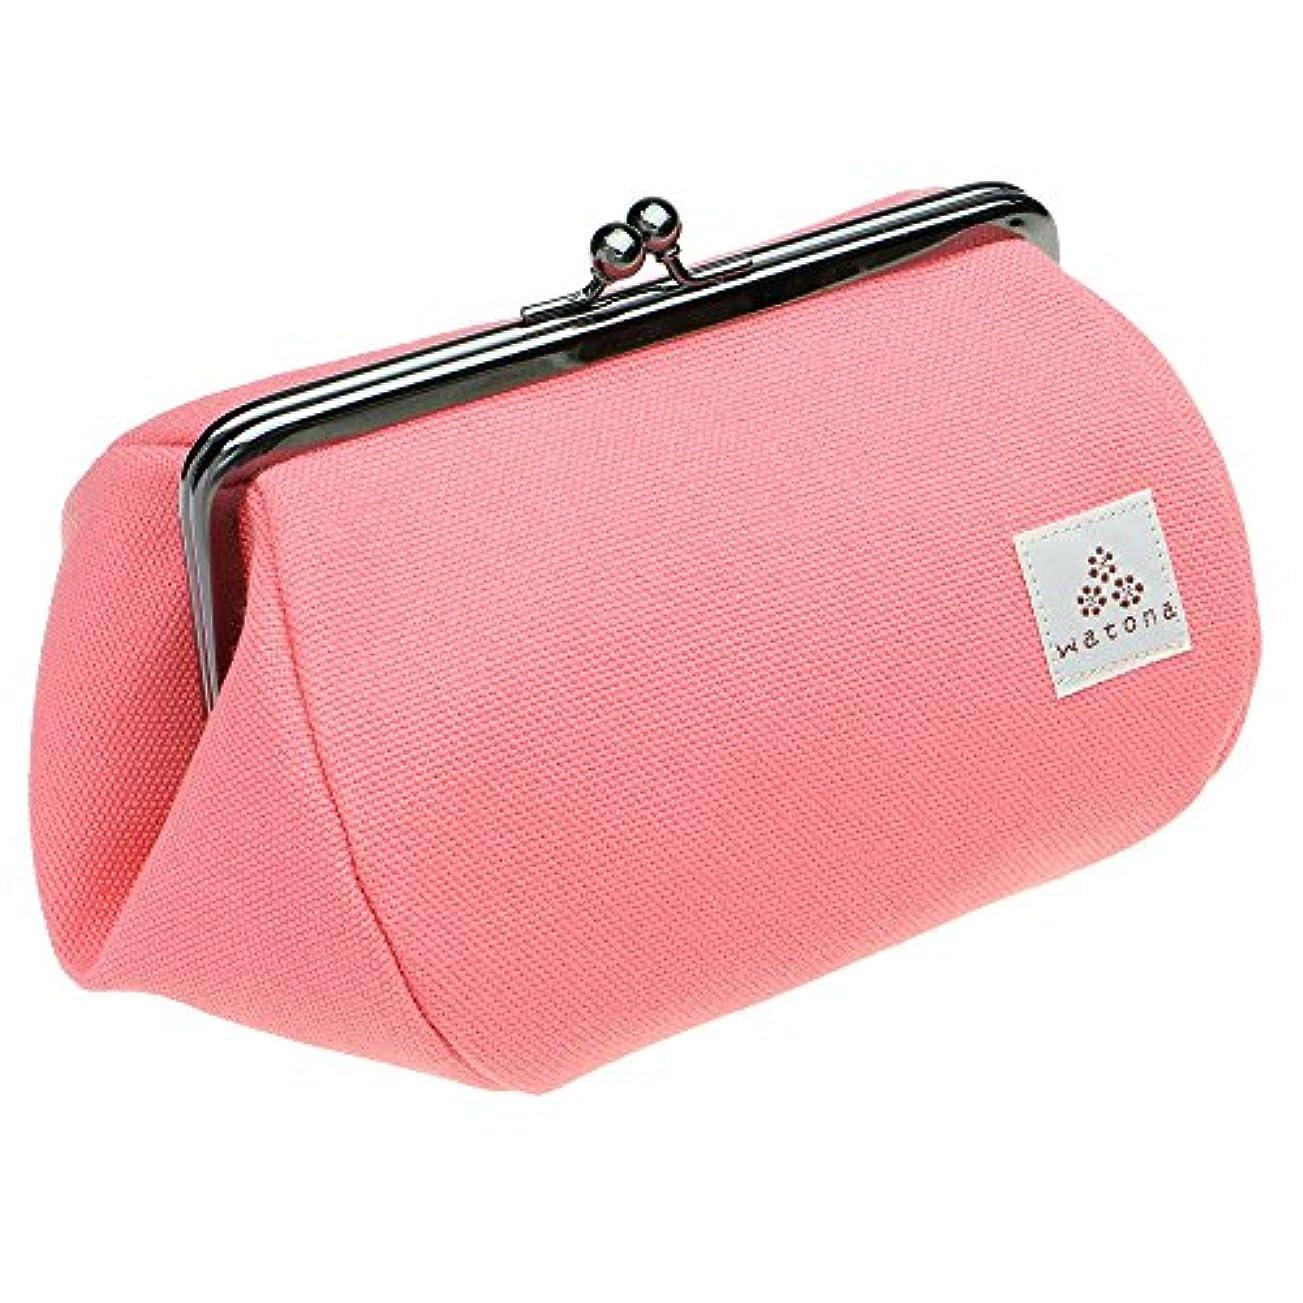 watona 帆布がま口 化粧ポーチ 4.5寸 Lサイズ